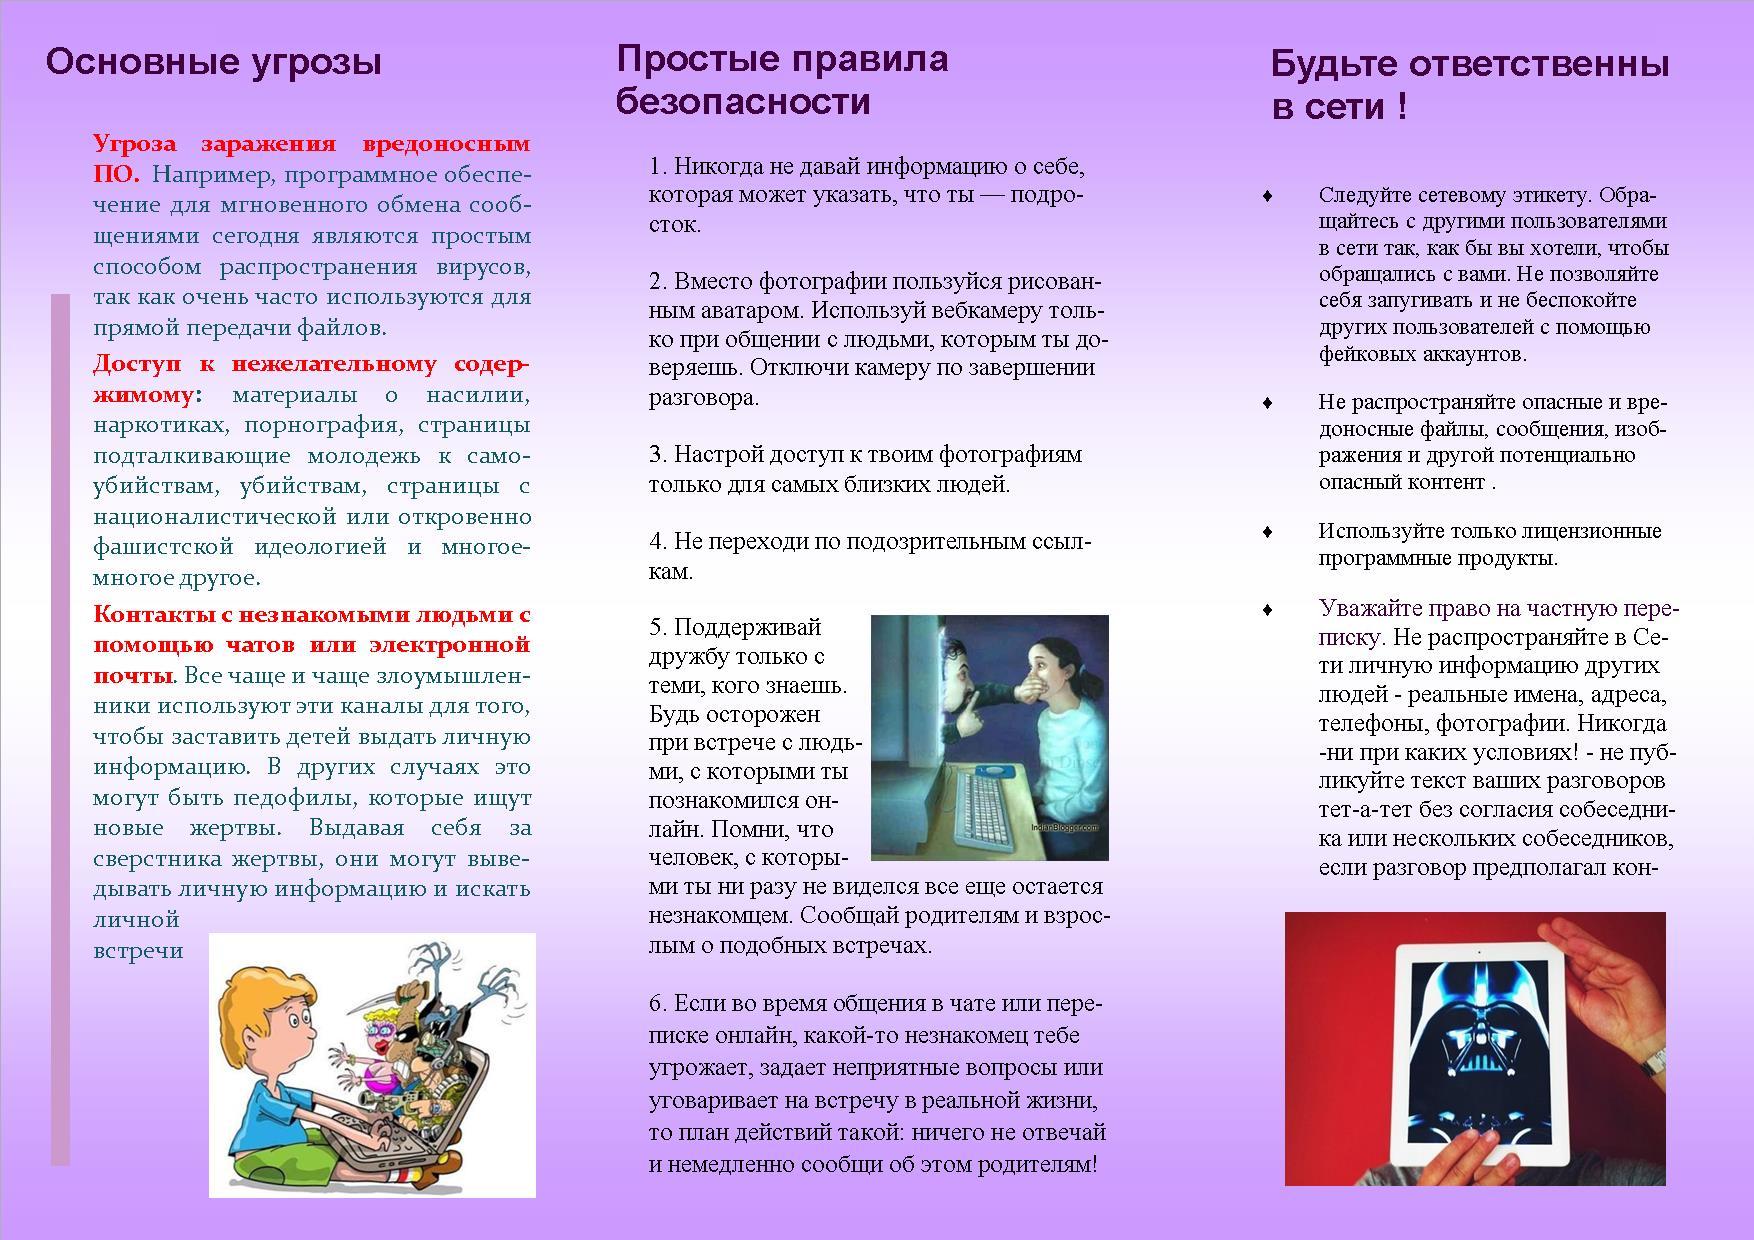 obshatsya-s-lyudmi-po-vebkamere